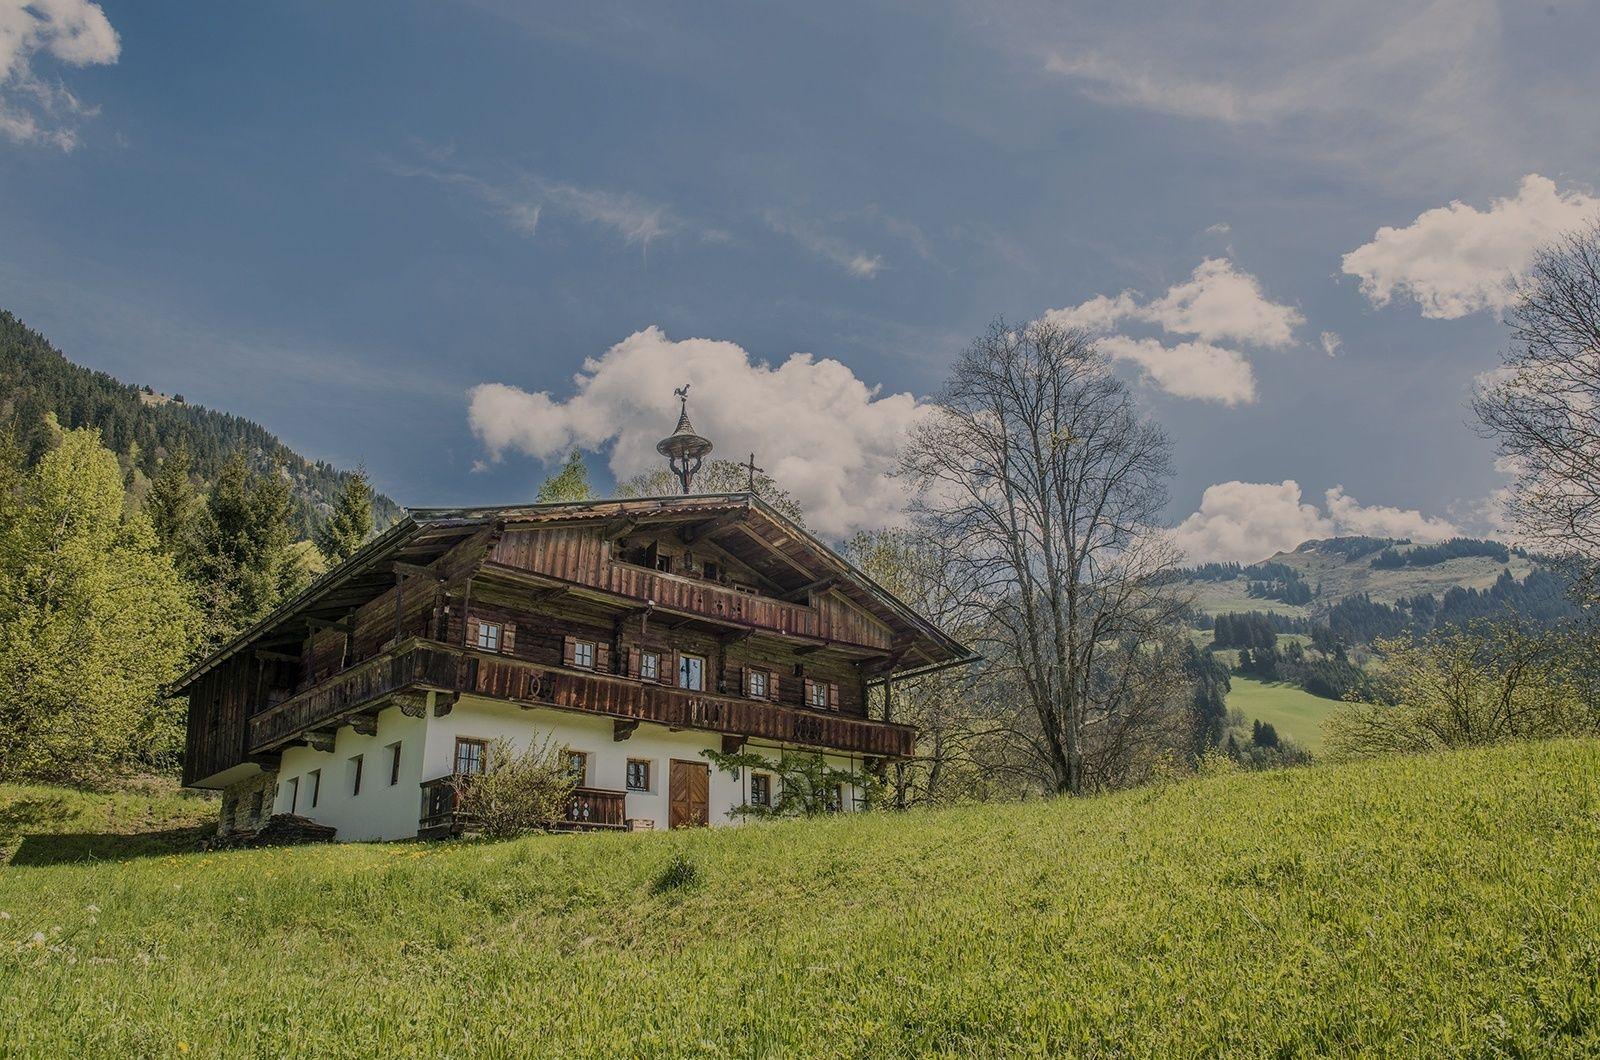 The Original Haus, Bauernhaus und Traumhaus